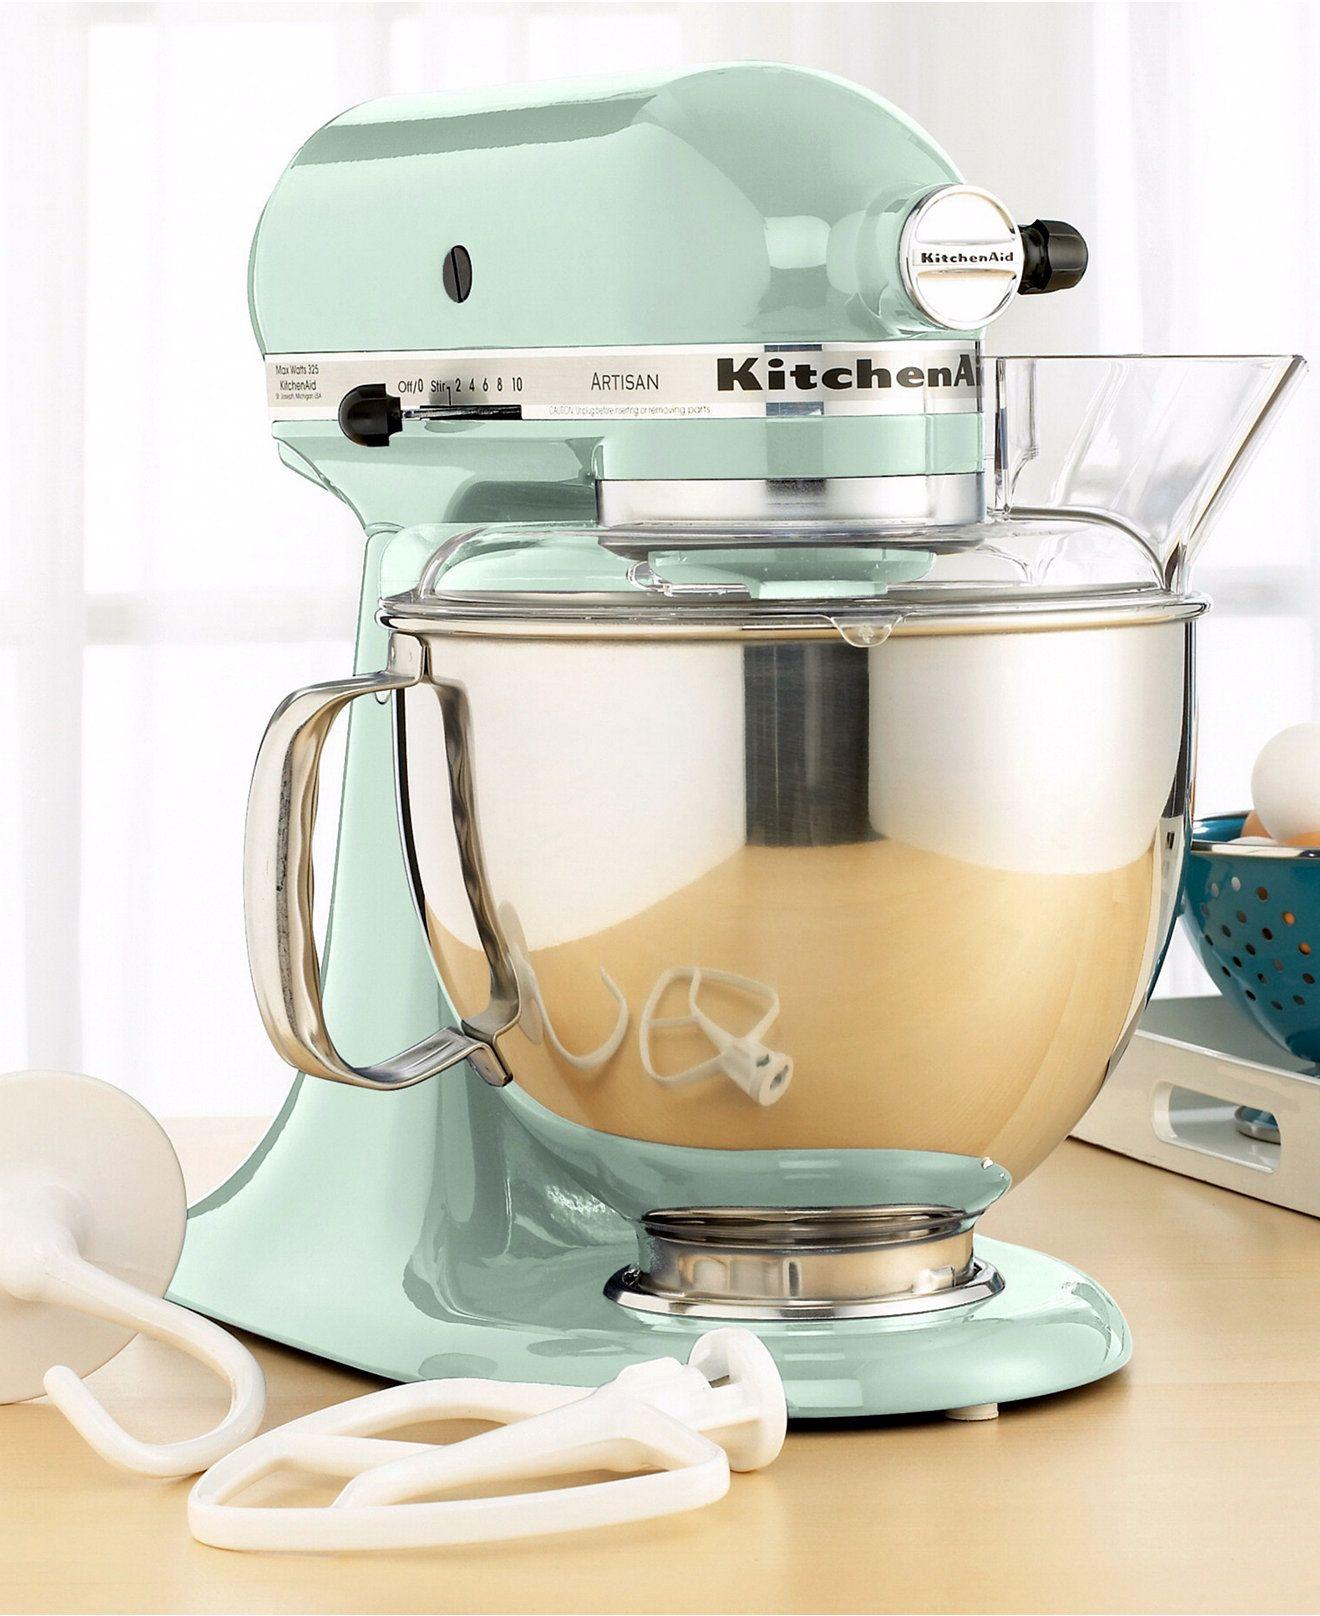 KitchenAid 5 Quart Artisan Stand Mixer Pistachio Green